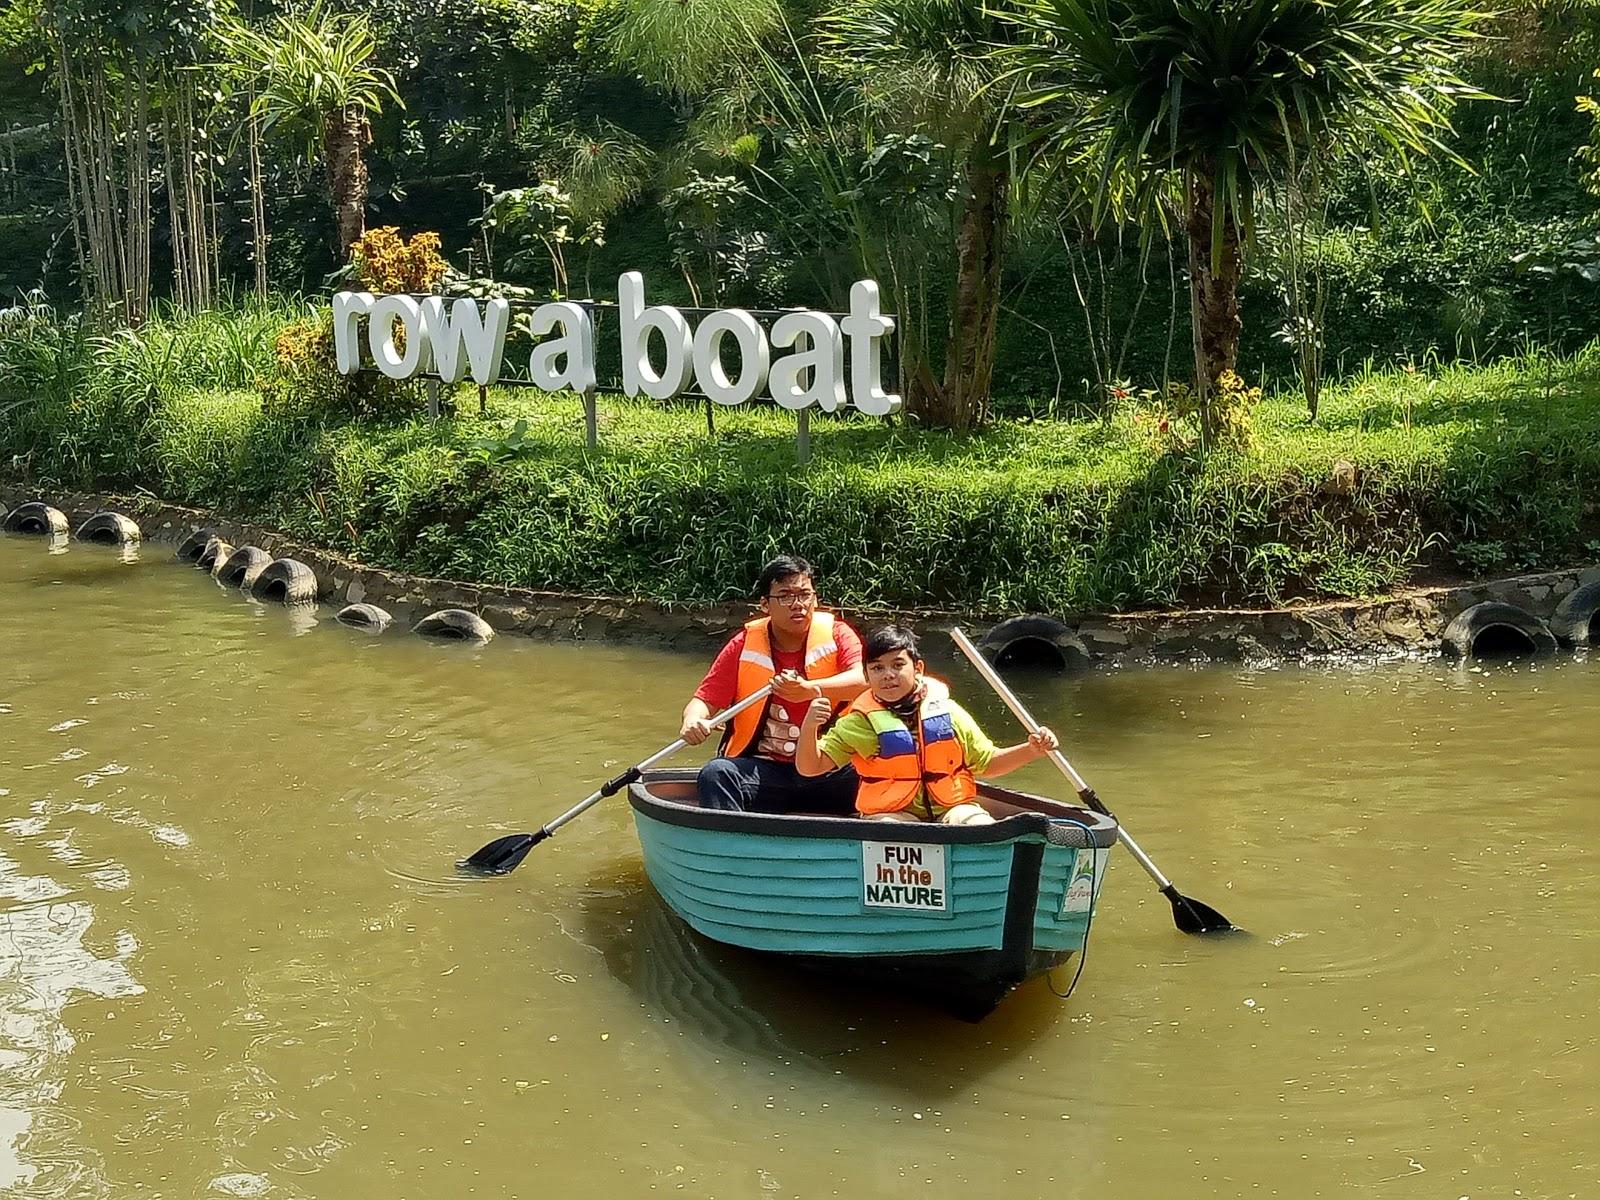 Hasil gambar untuk Row A Boat dago dream park